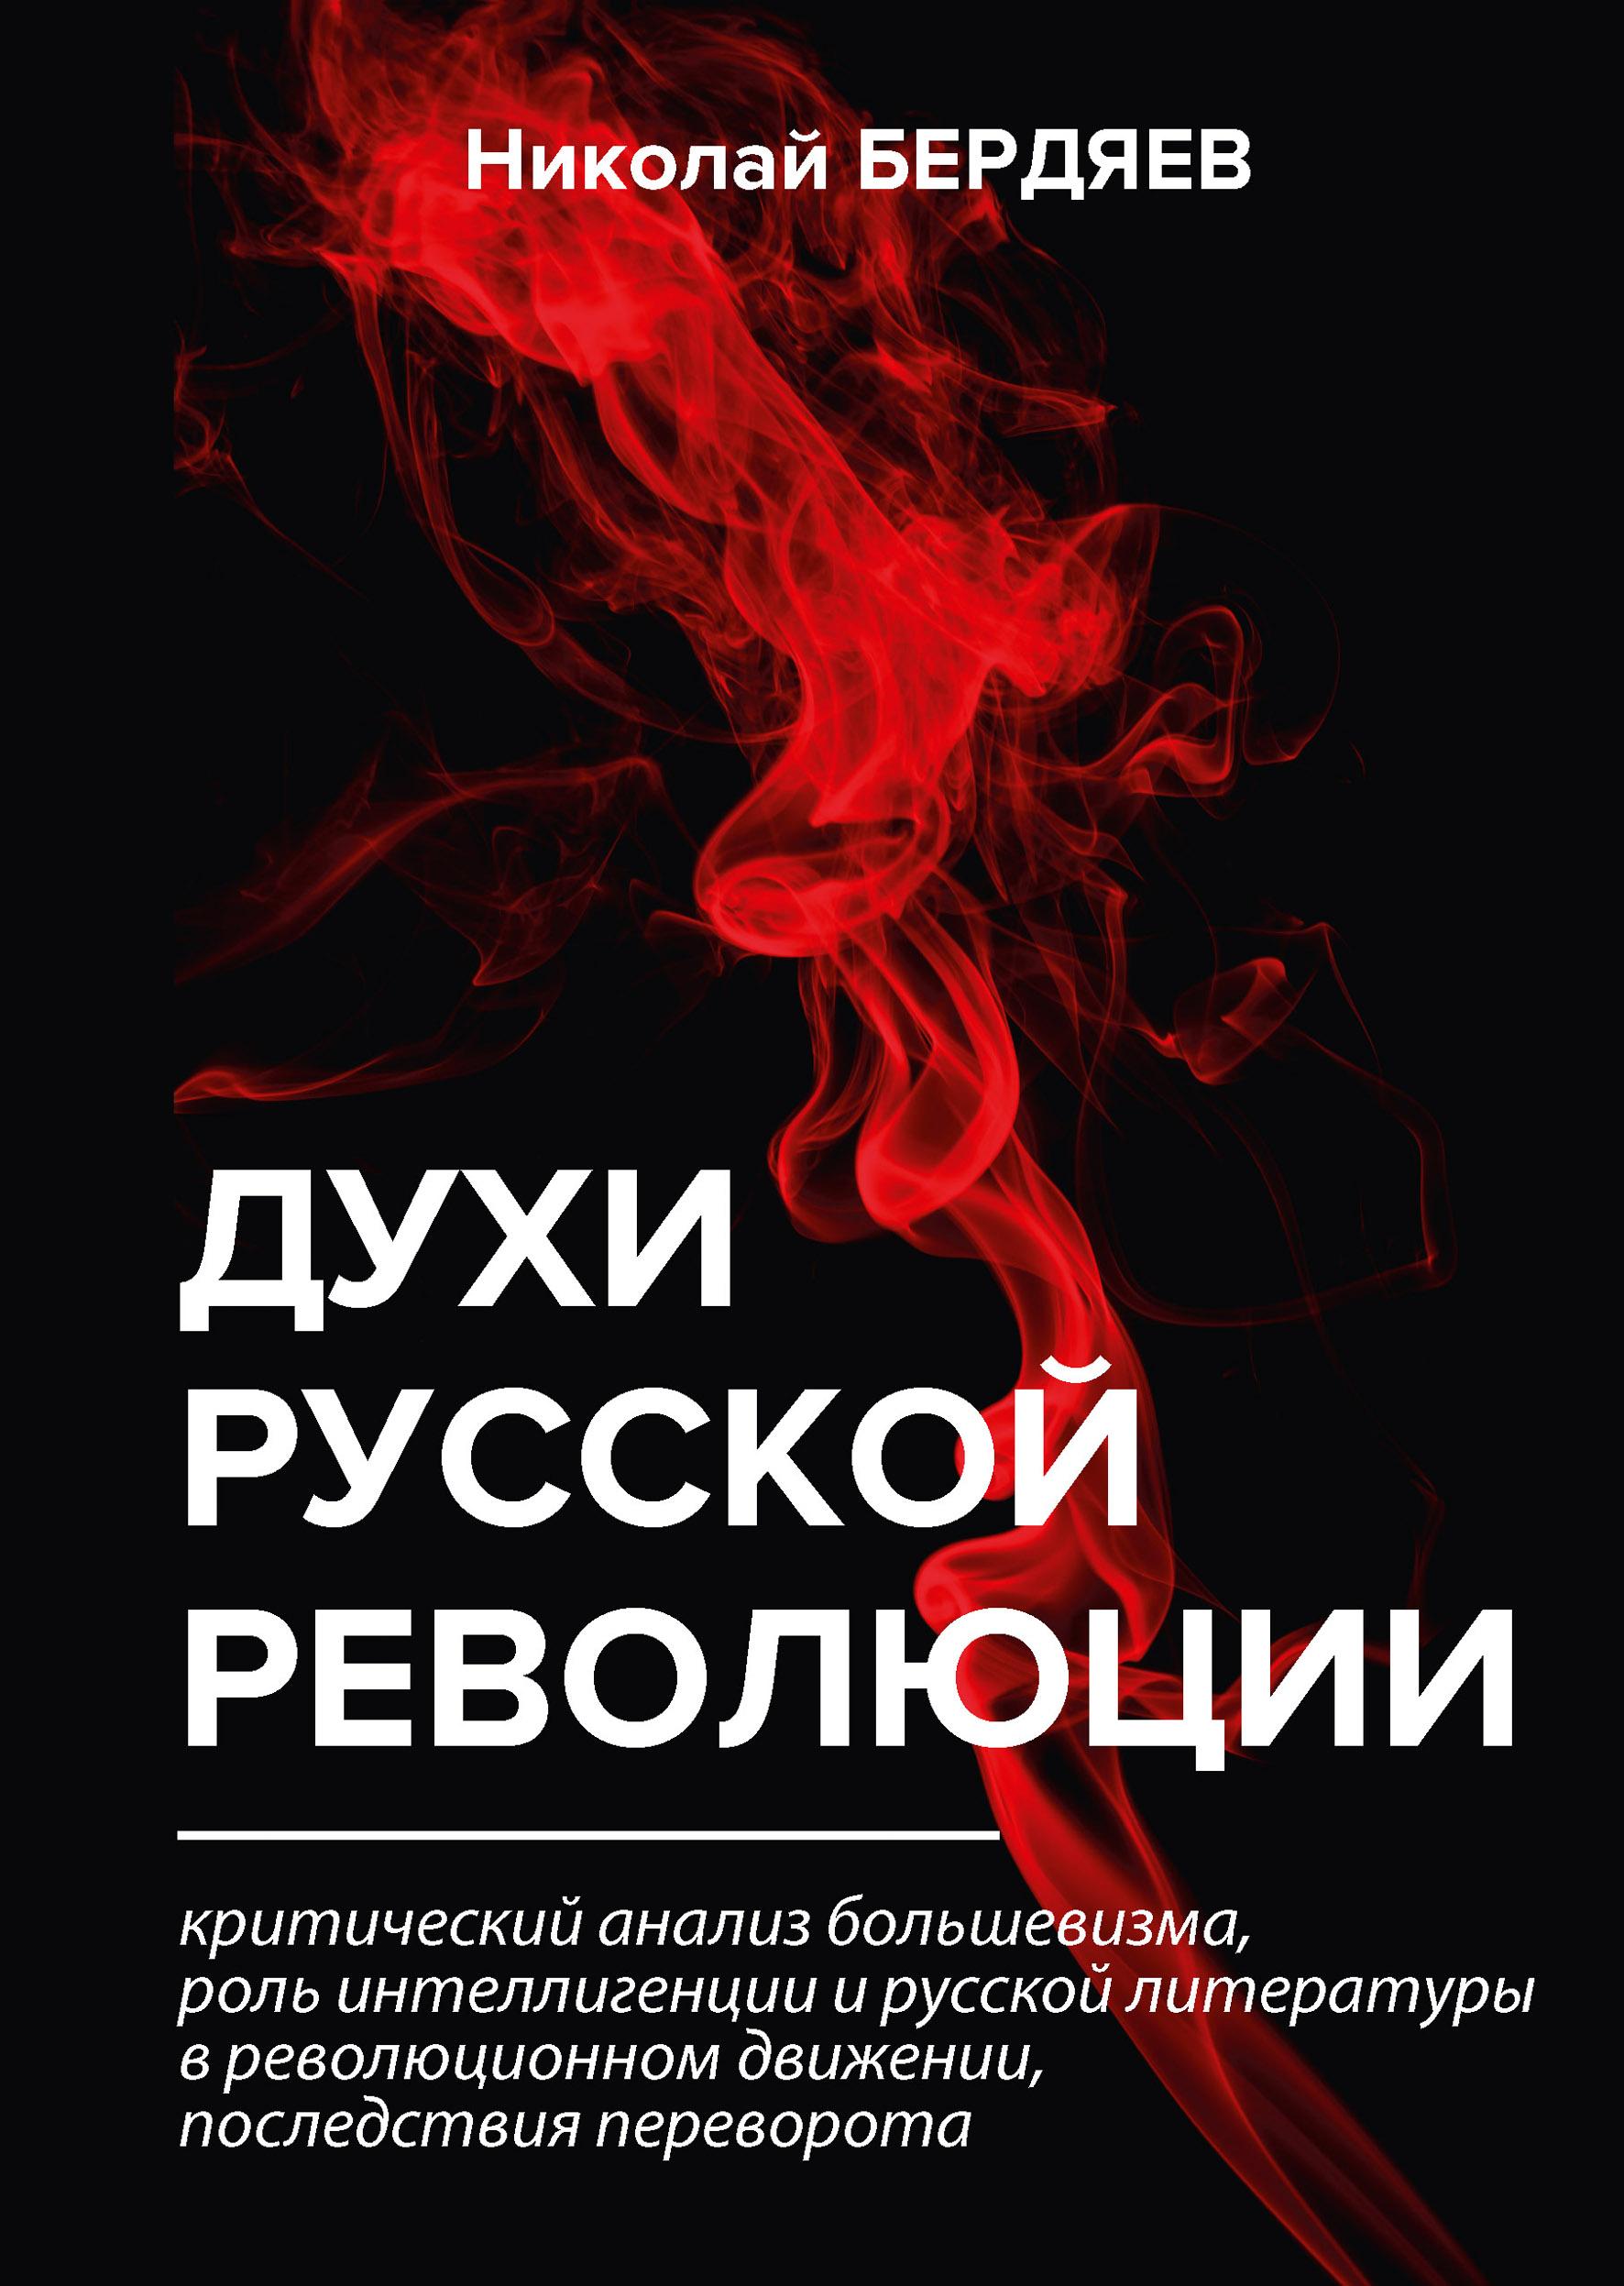 Духи русской революции. Николай Бердяев